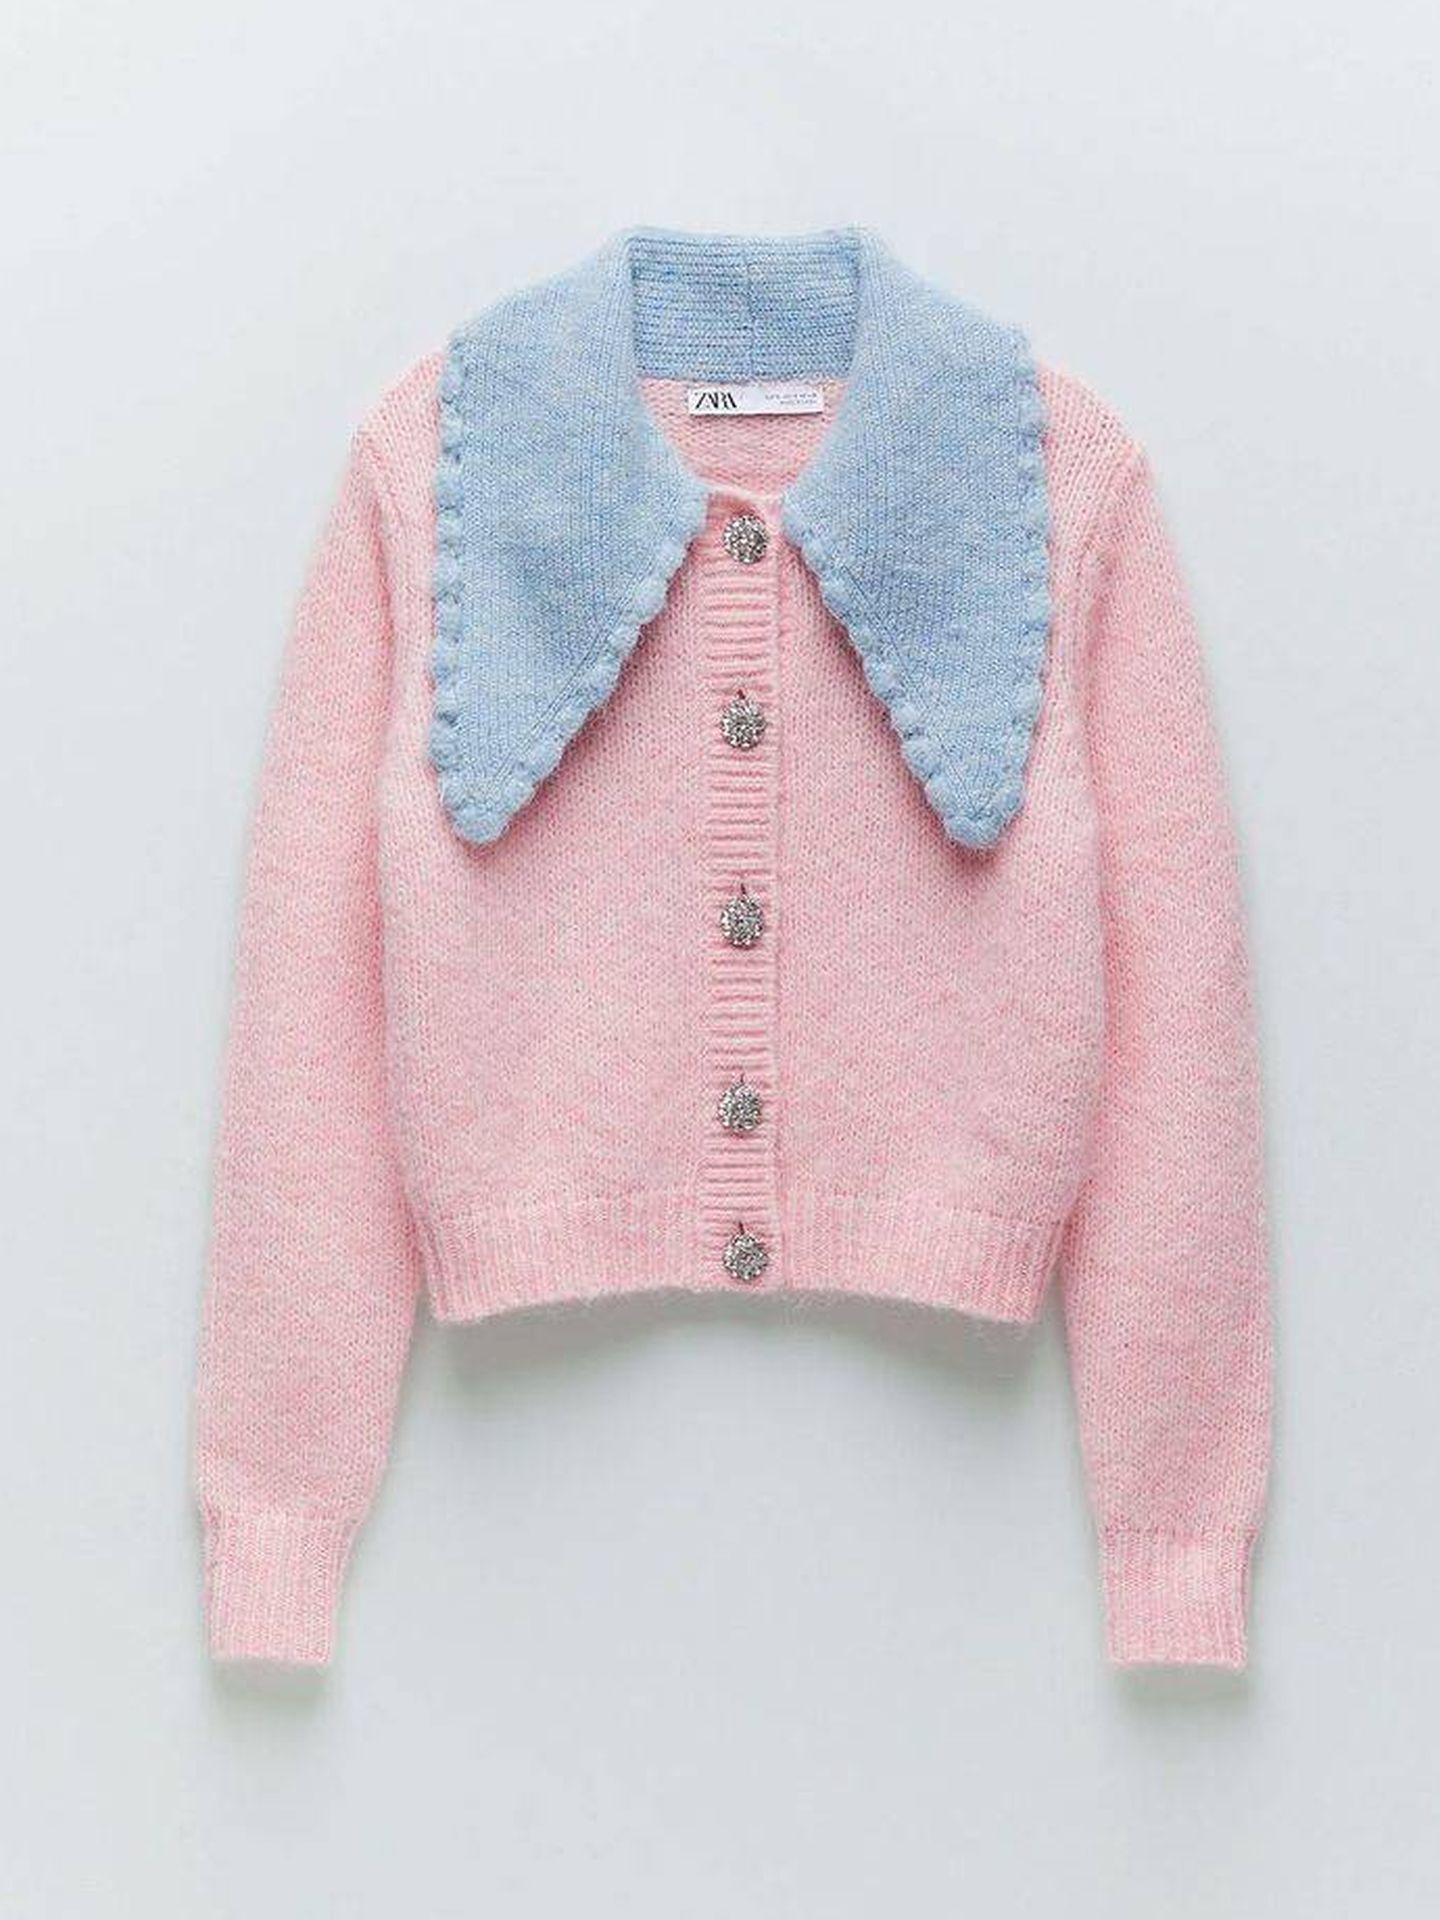 La chaqueta de punto de Zara. (Cortesía)